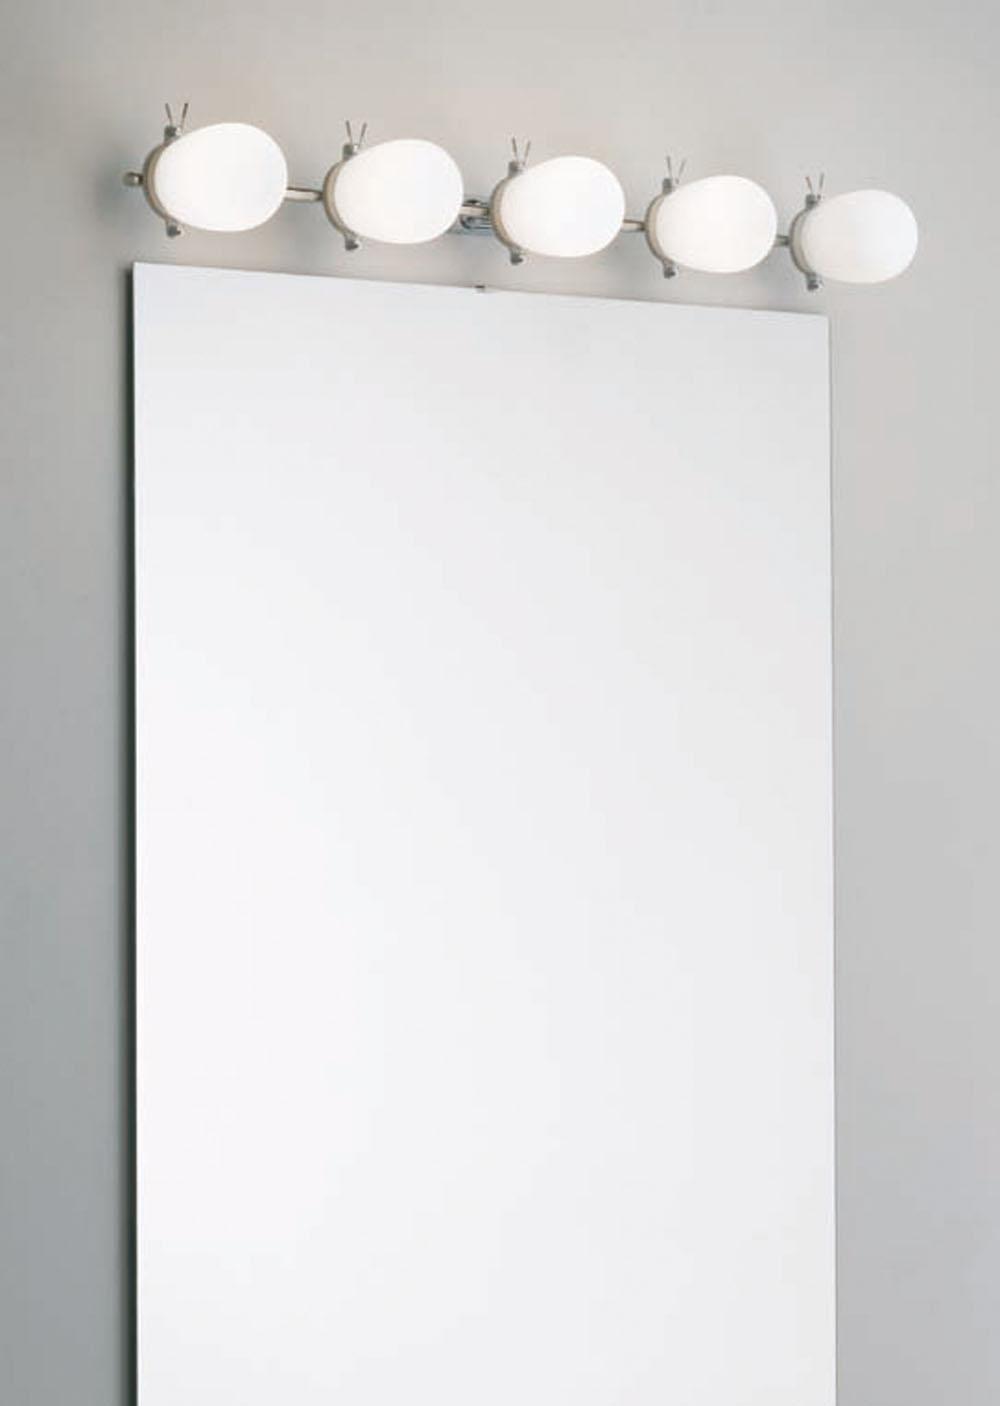 Baño Wall Lamp 5 lights Aluminium Anodized